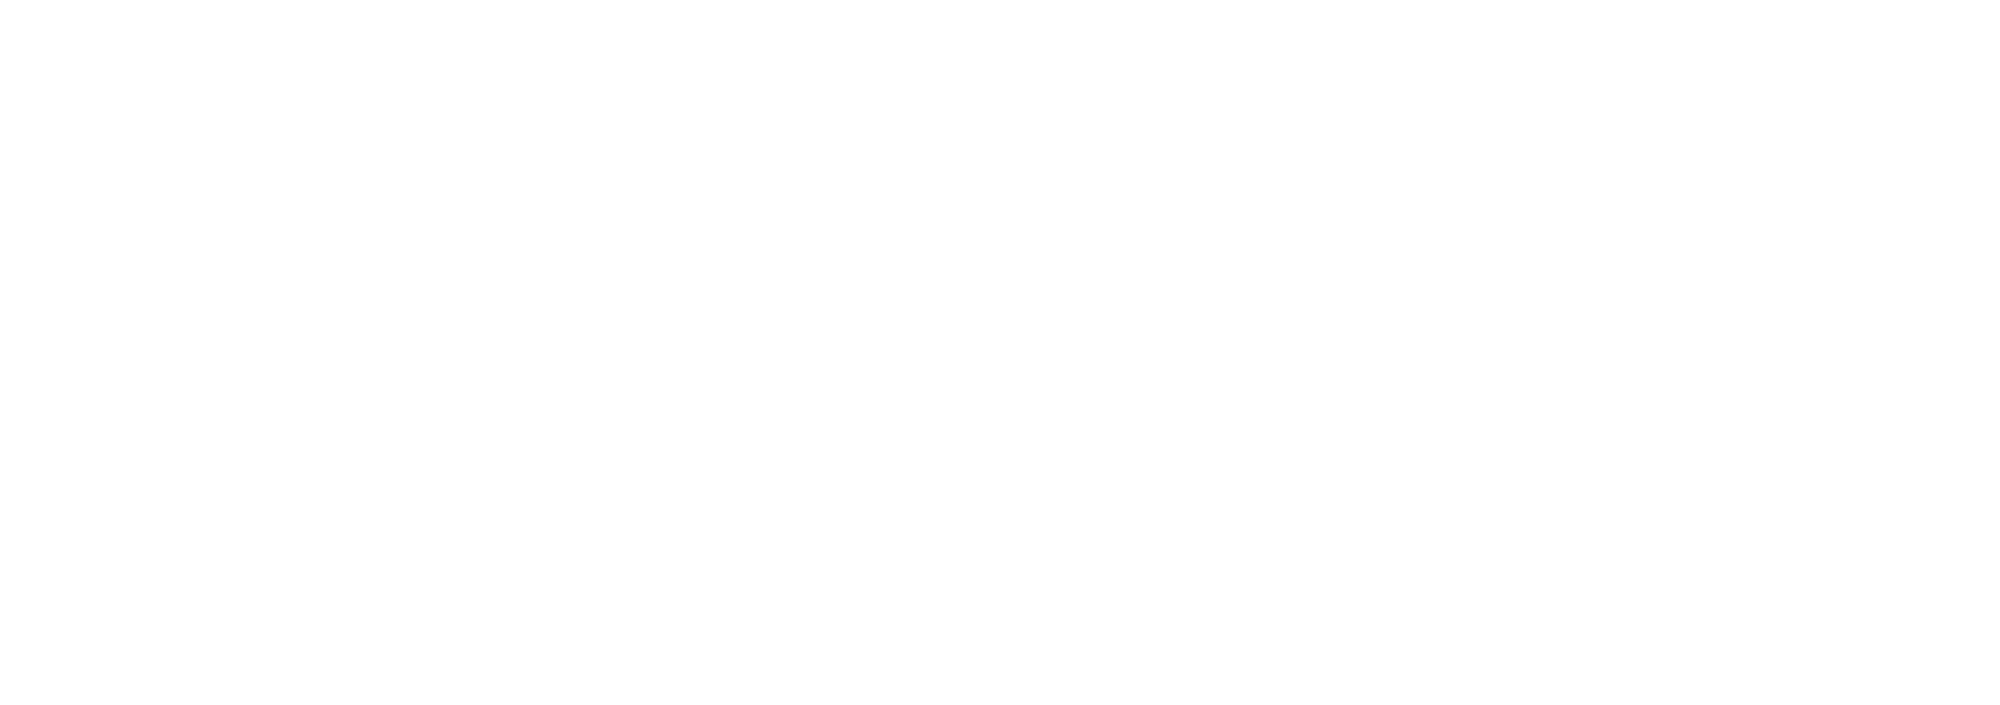 2000px-Fairmont_Logo.white.png